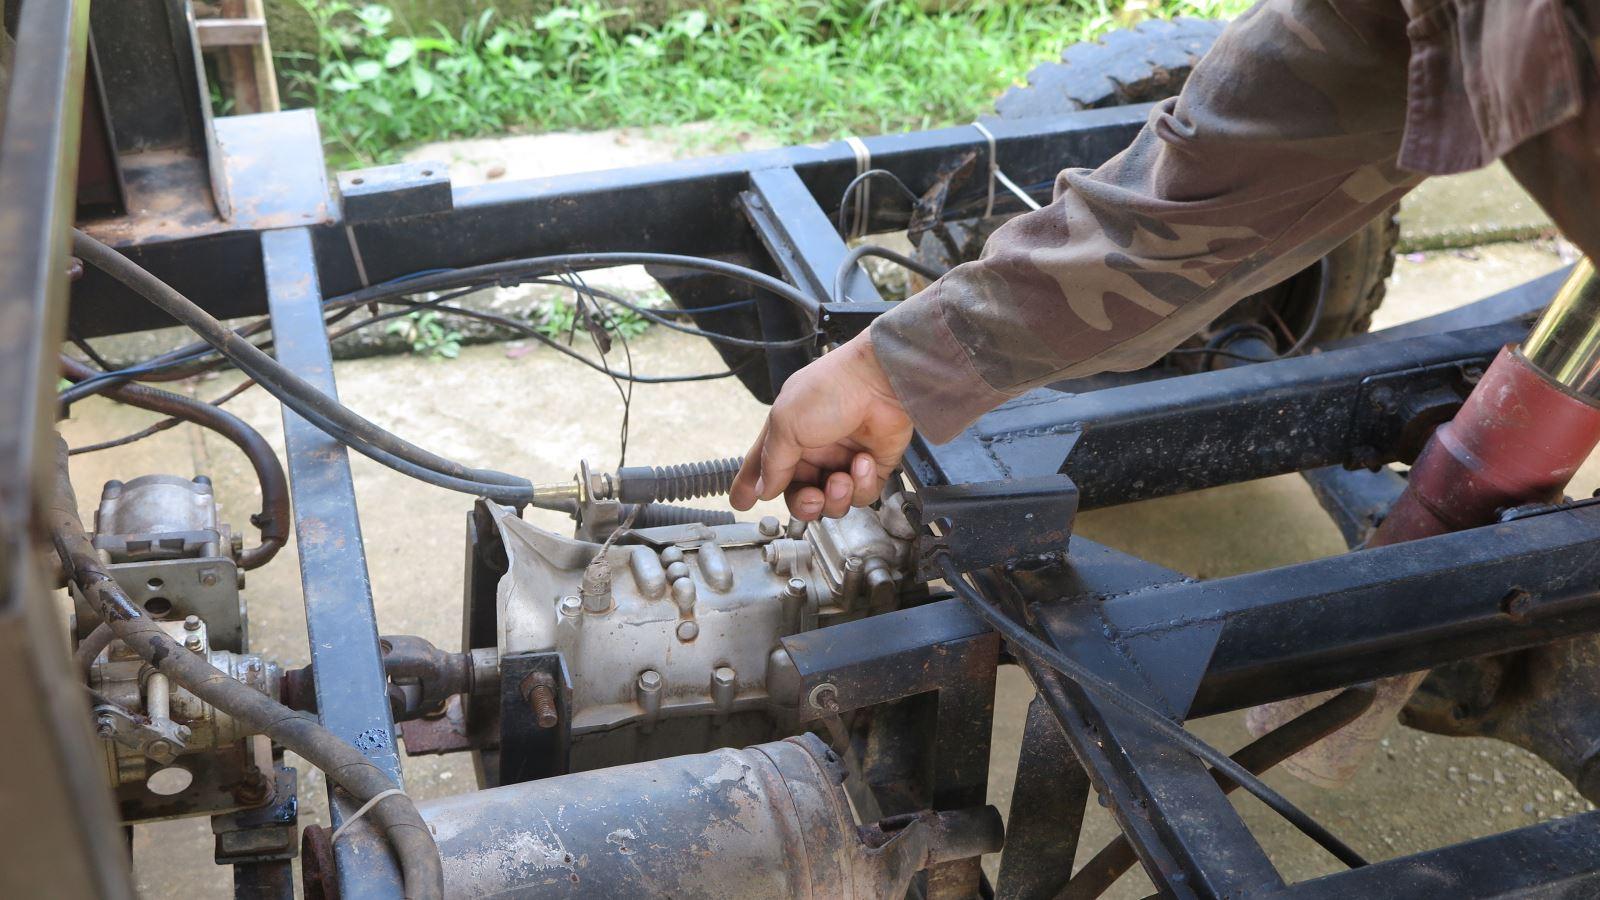 Phú Thọ: Trai làng 8X sáng chế ra xe jeep thùng rất ngầu, ai nhìn thấy cũng trầm trồ phục lăn - Ảnh 2.